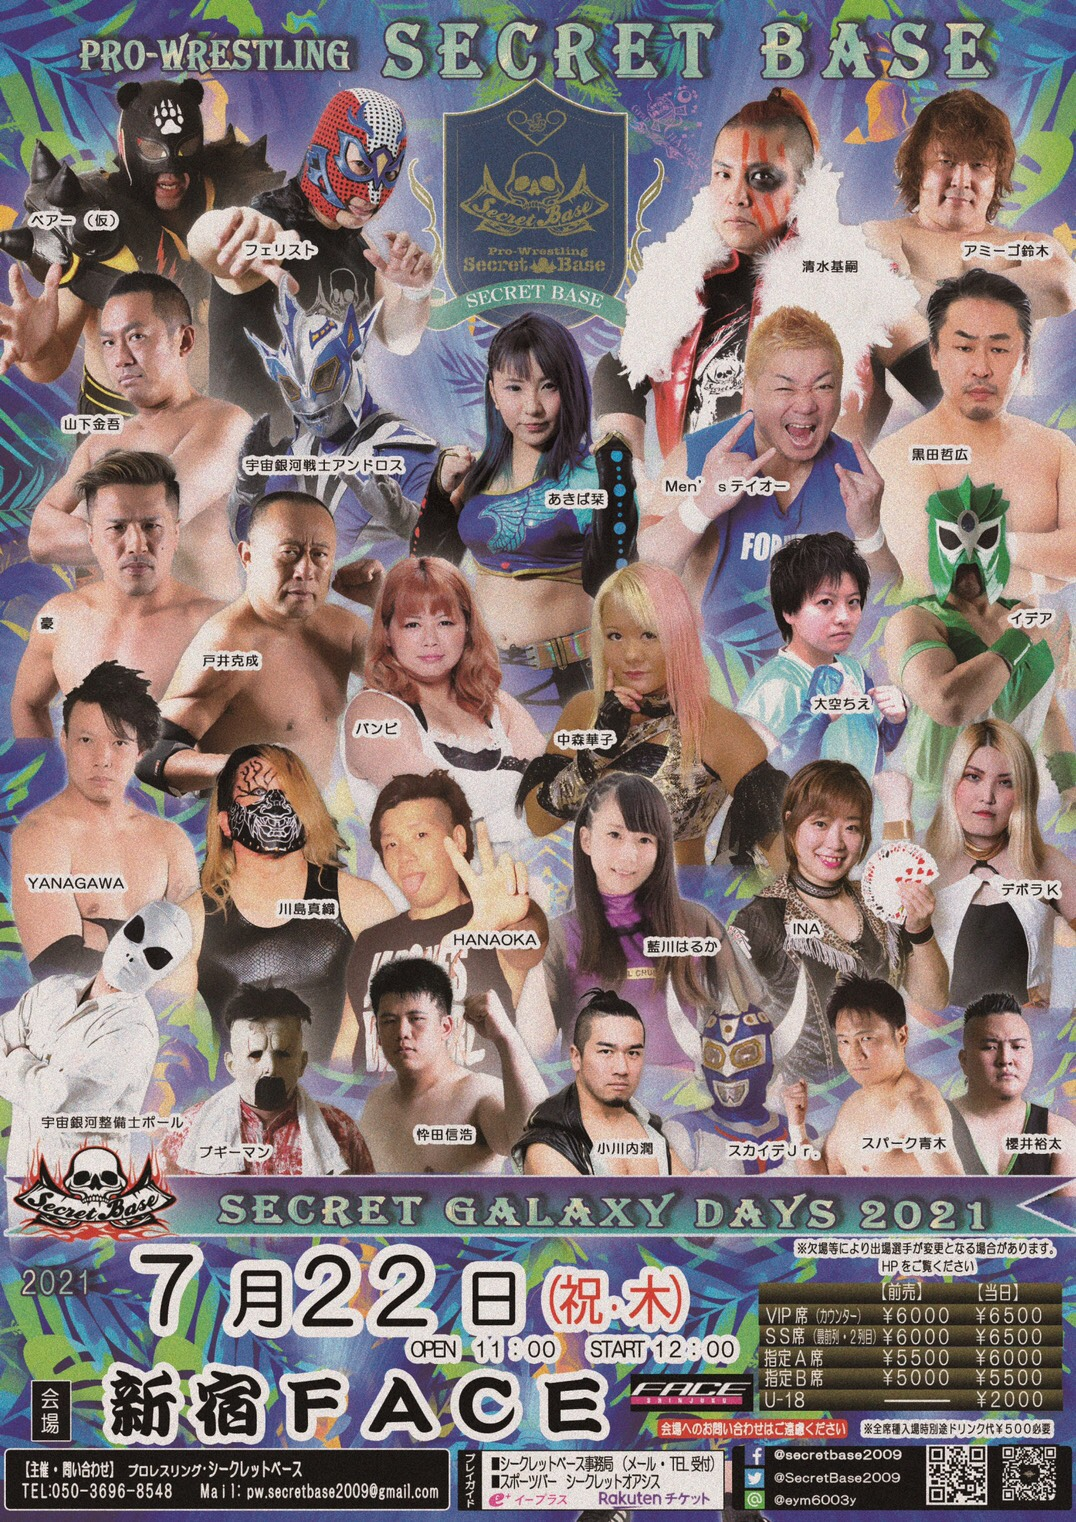 7月22日・新宿FACE大会全対戦カード決定&ツイキャス・プレミア配信のお知らせ!